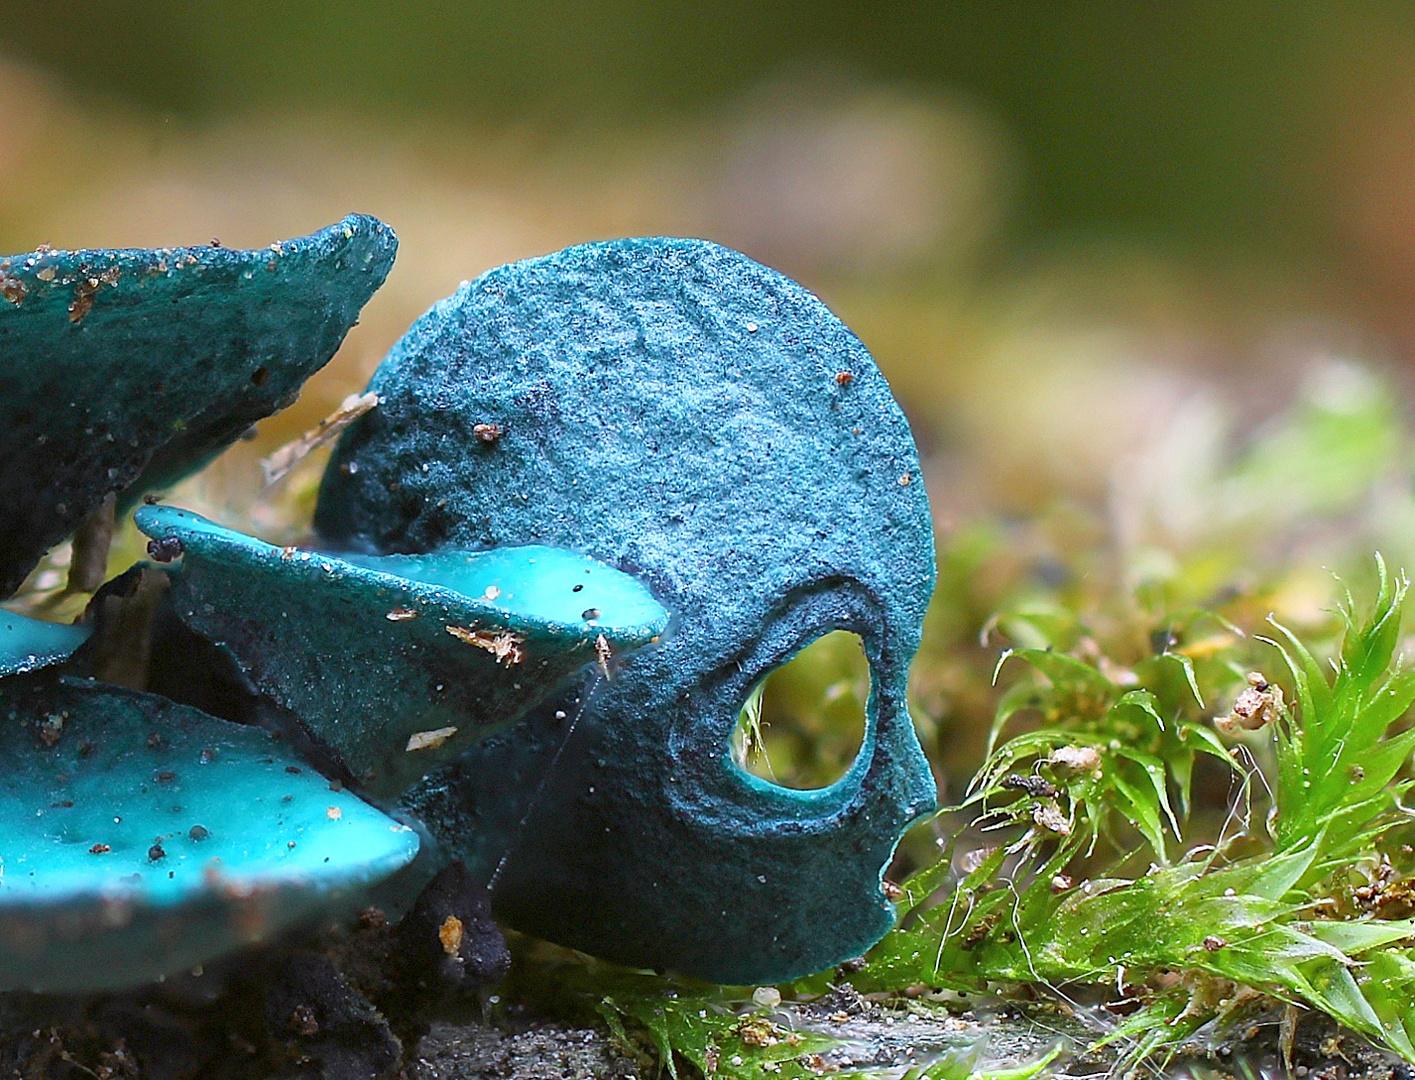 alien in blau.....